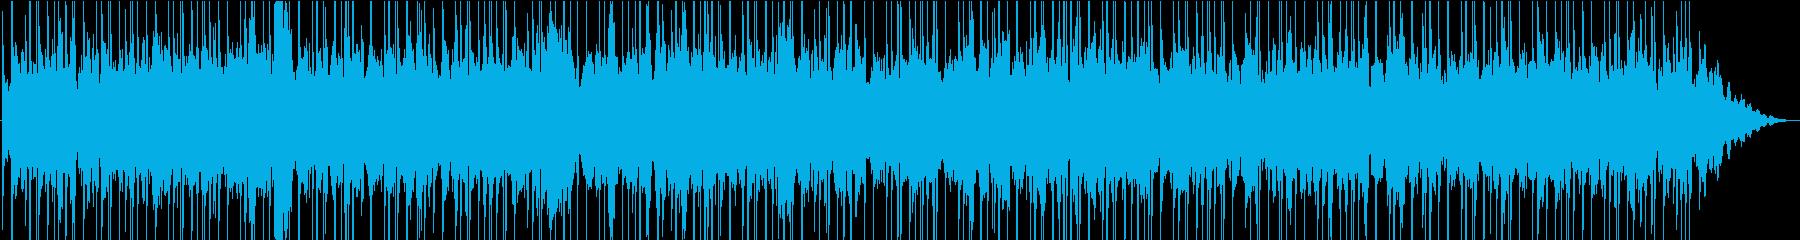 映画・ドキュメンタリー向け・感傷的BGMの再生済みの波形